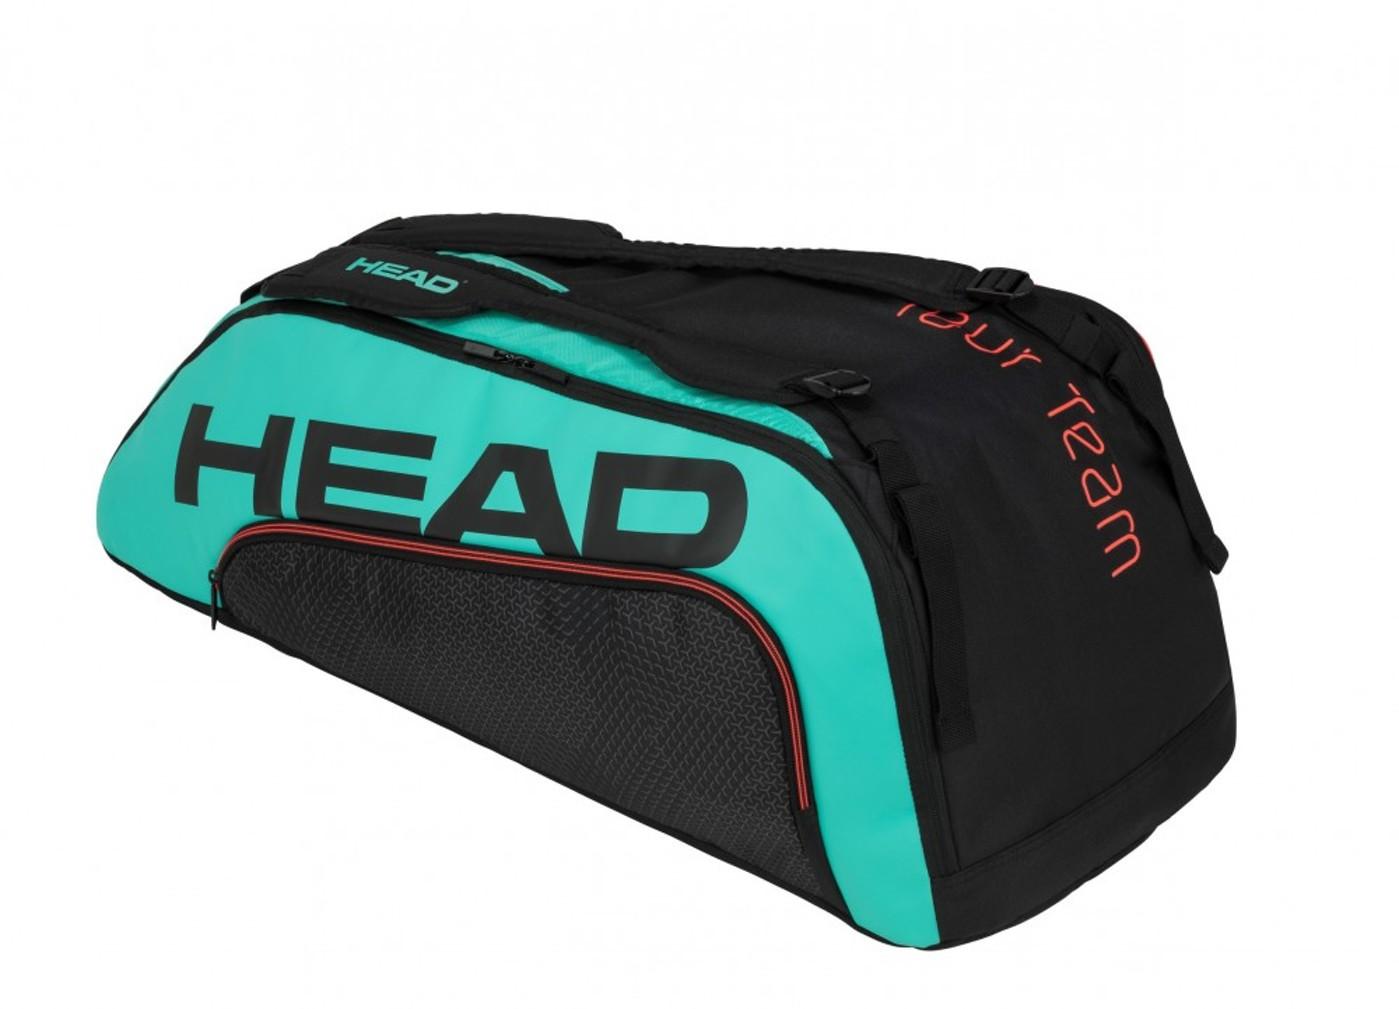 HEAD Tour Team 9R Supercombi BKTE